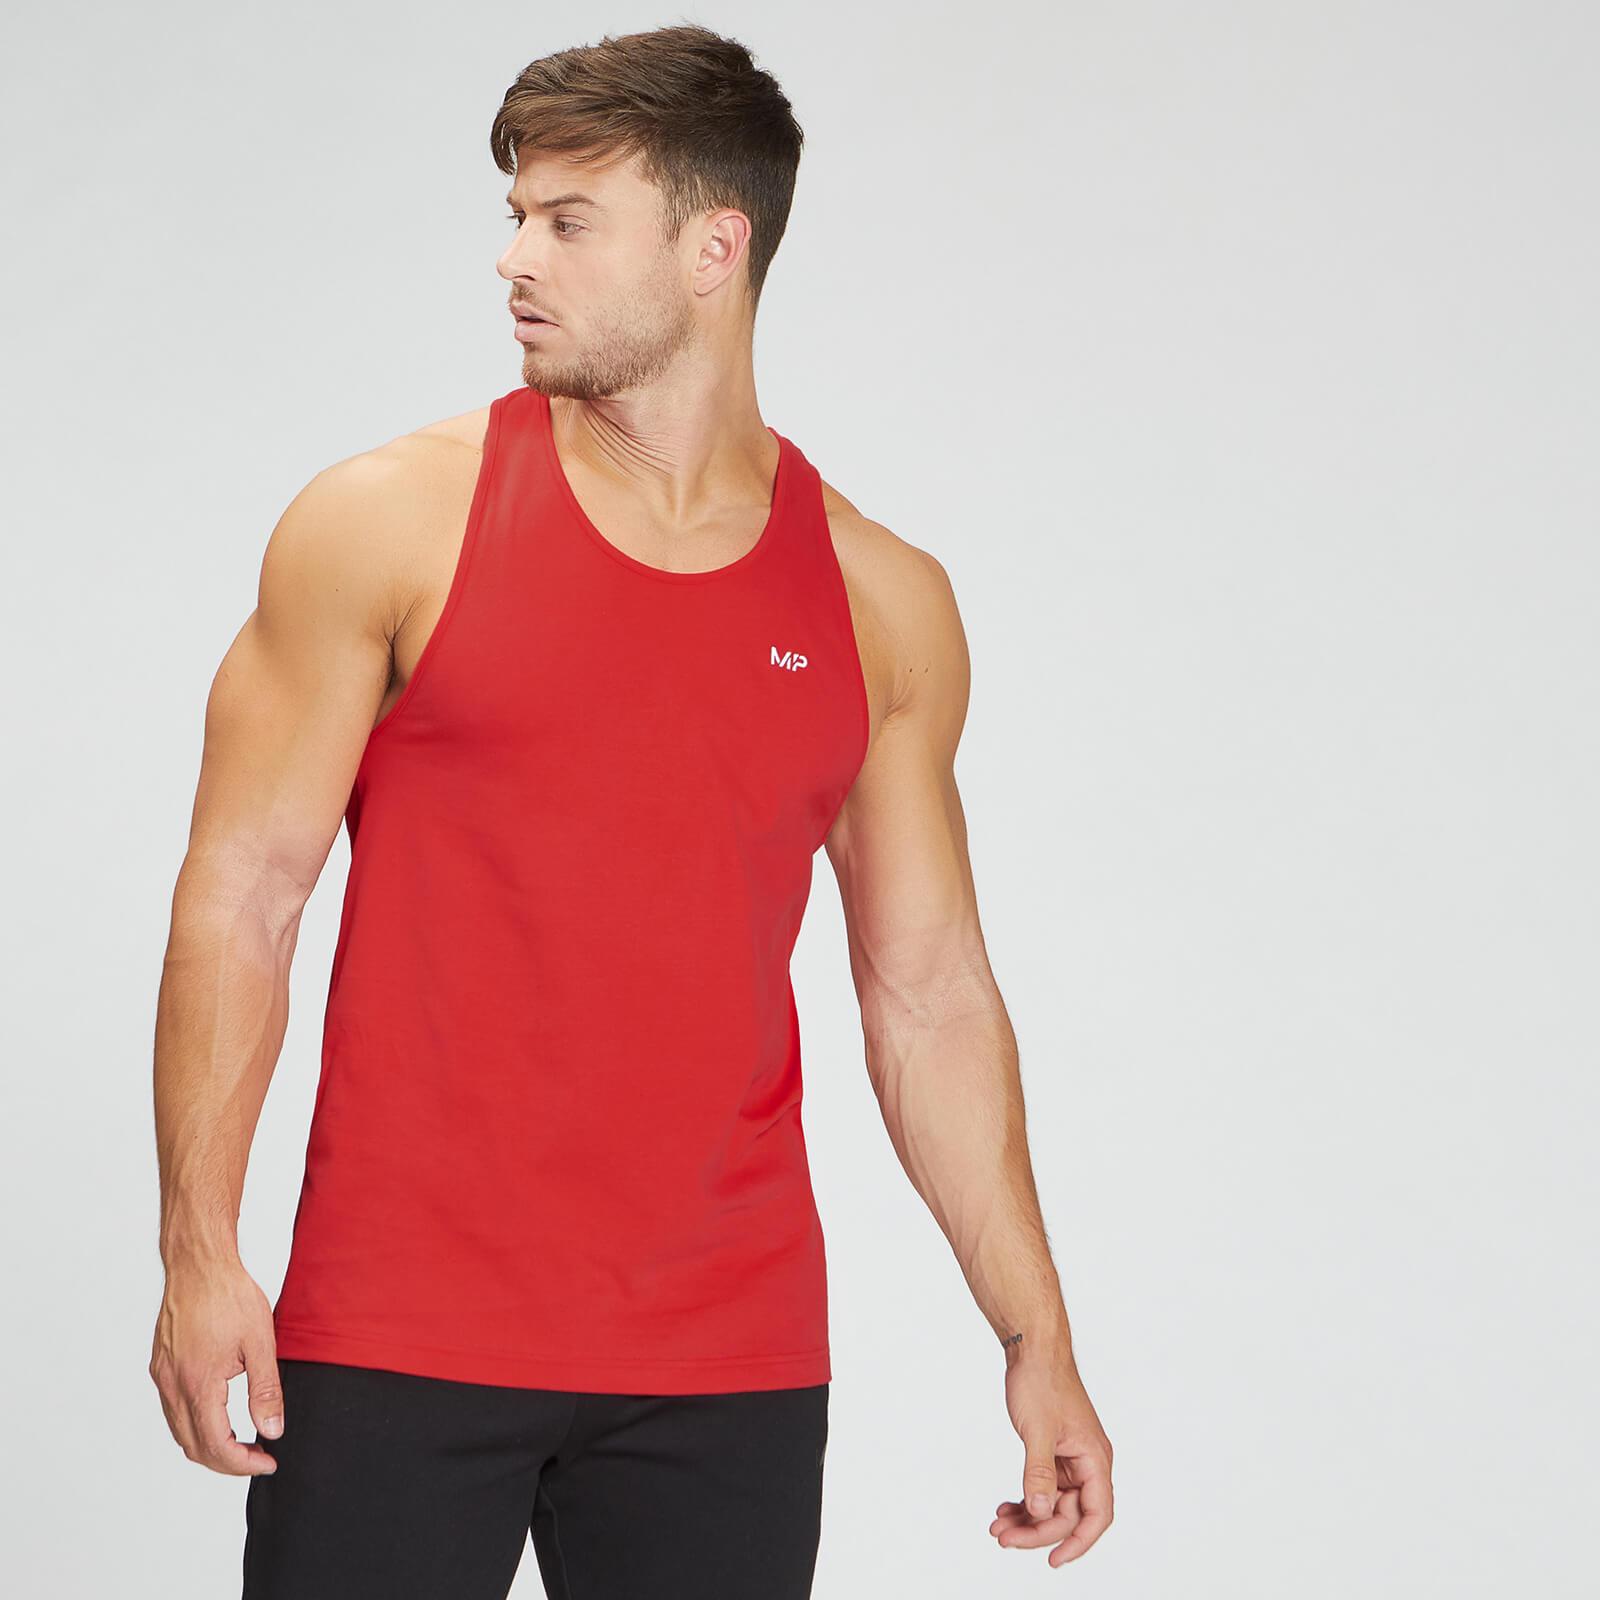 Купить MP Men's Essentials Stringer Vest - Danger - XXXL, Myprotein International